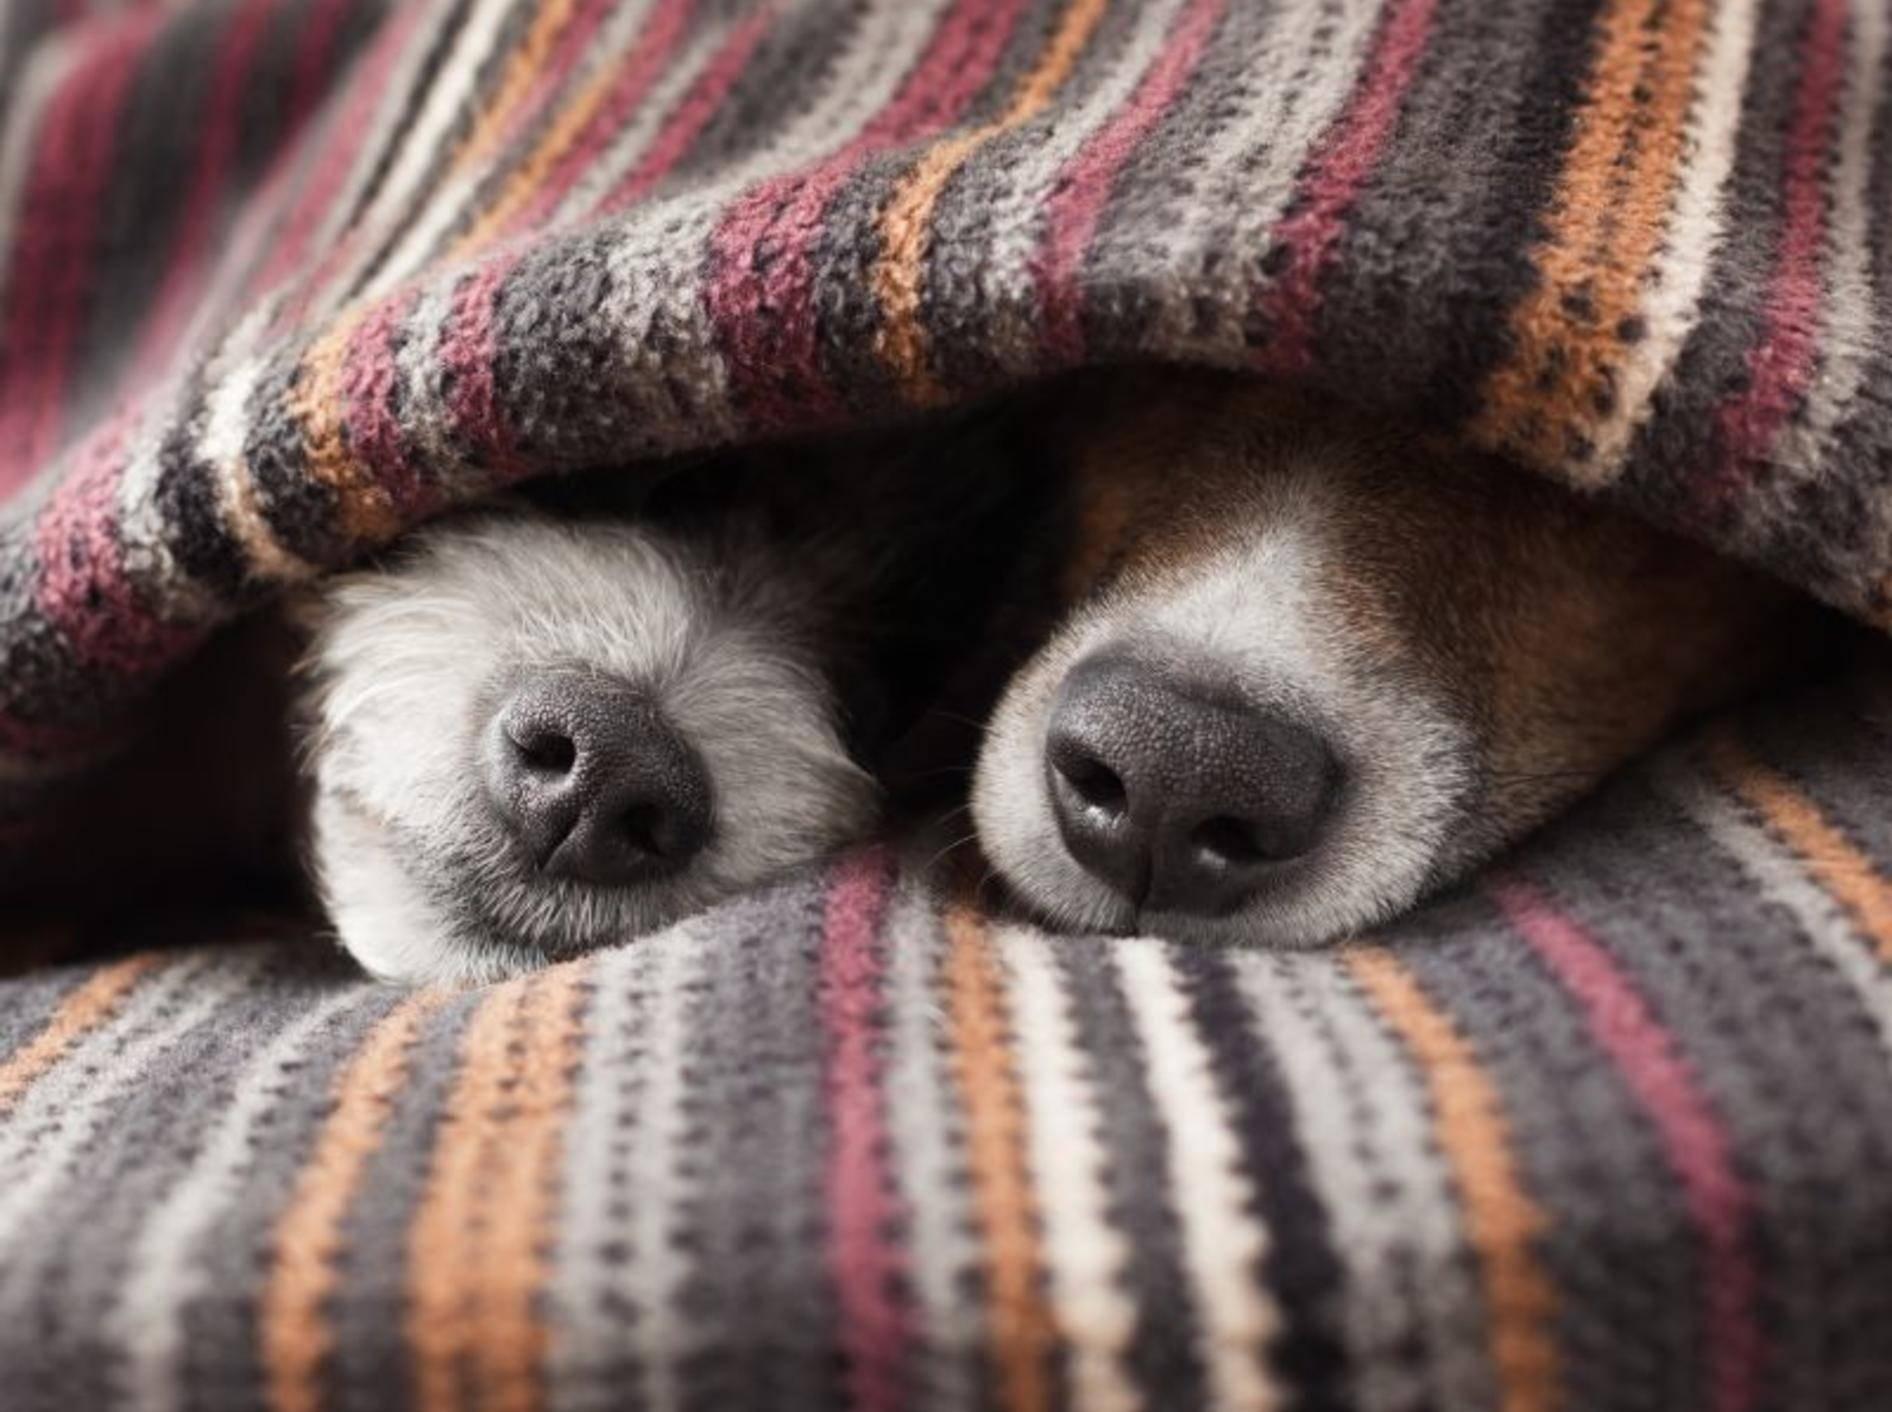 Wärme und Ruhe sind wichtig bei einer Erkältung – Shutterstock / Javier Brosch